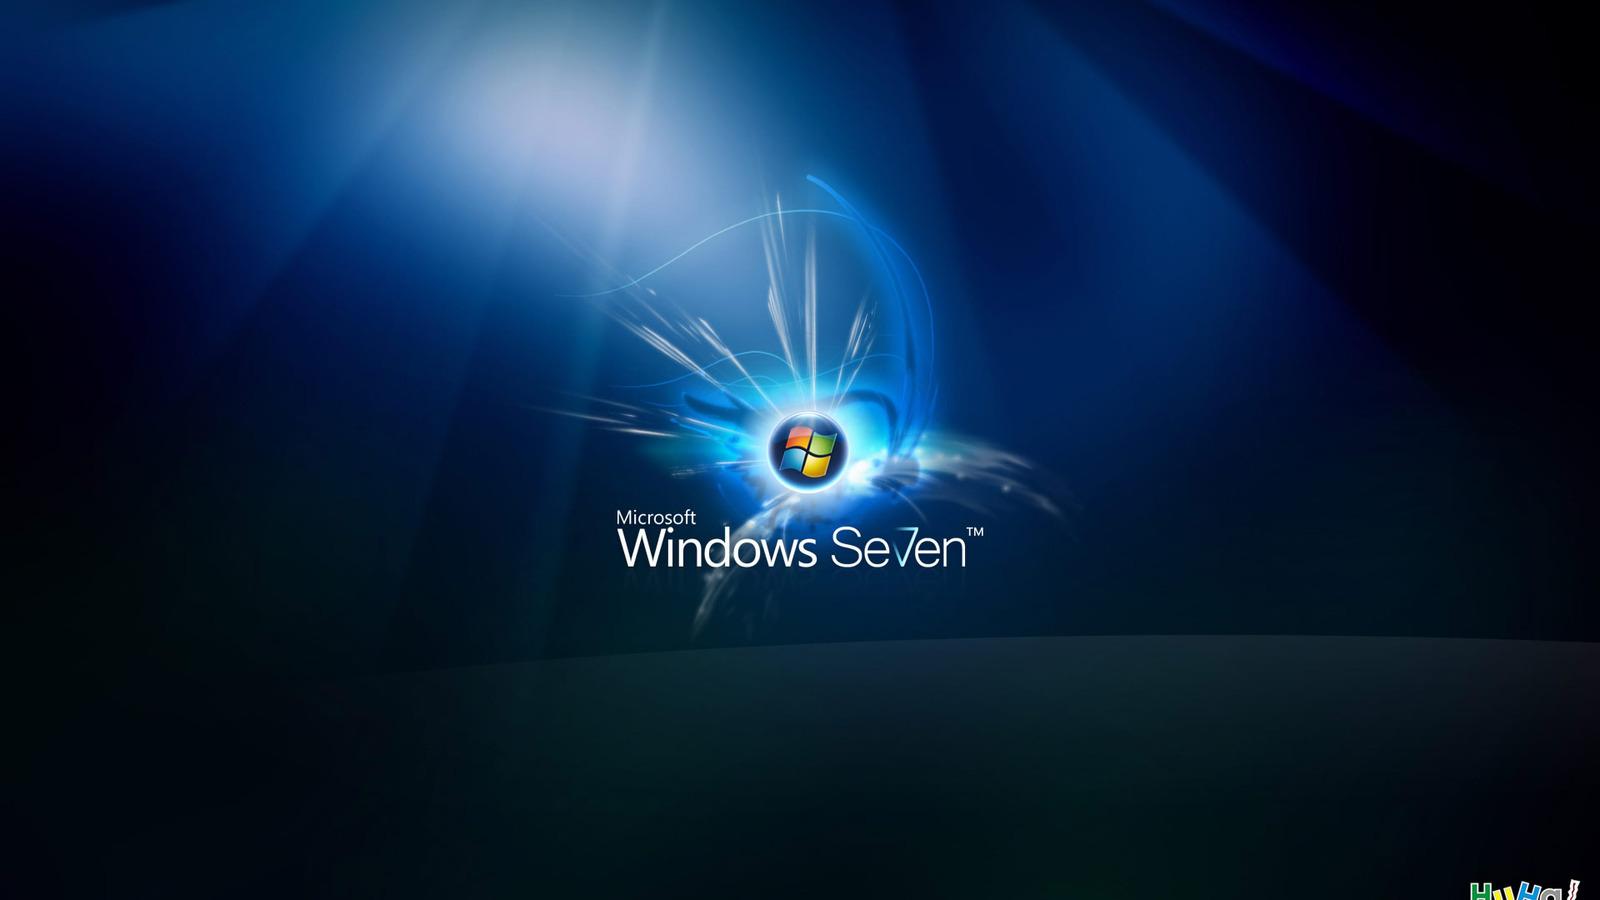 Windows 7 1600x900 wallpaper 1600x900